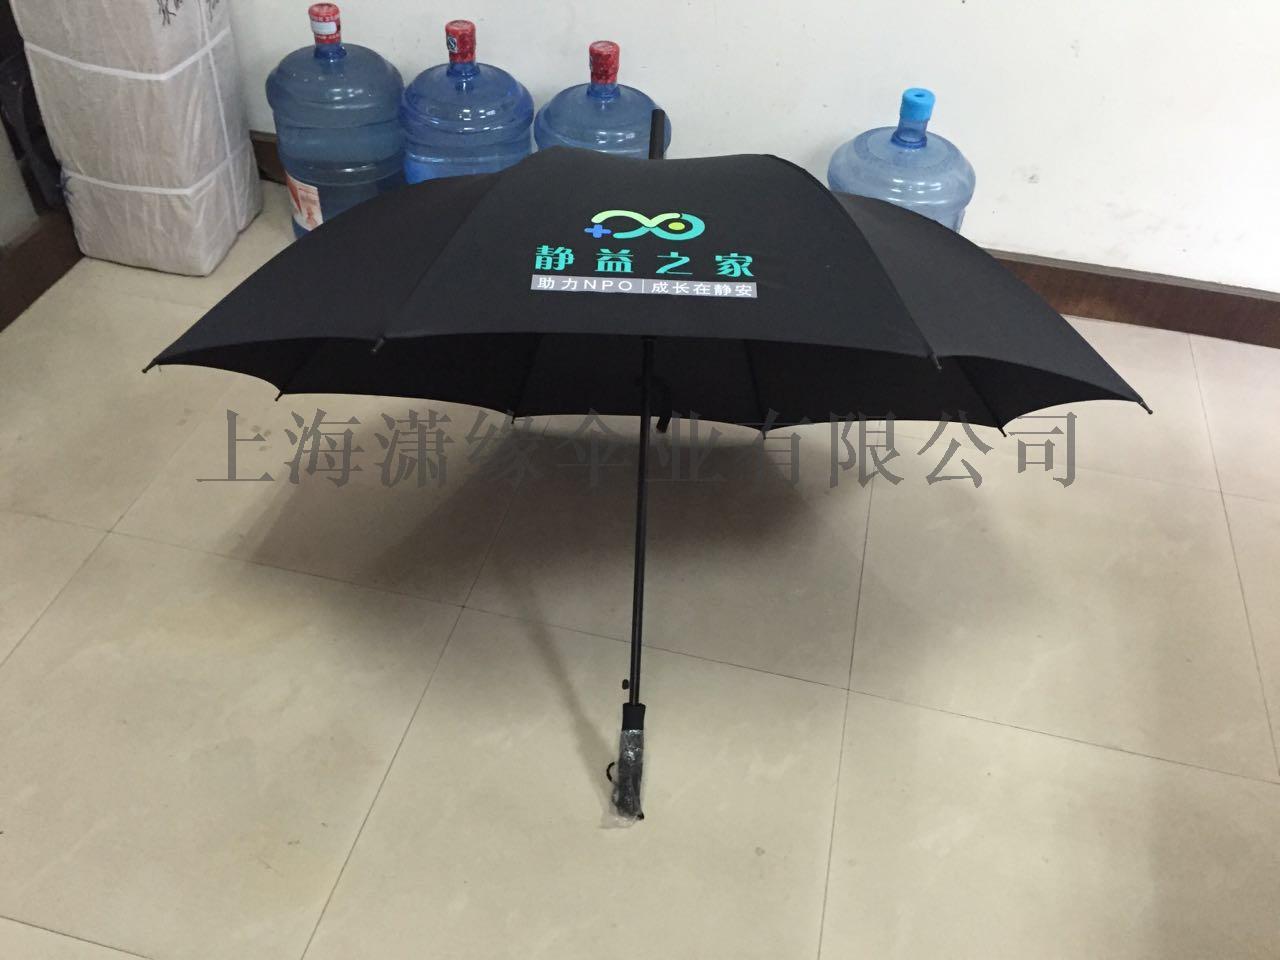 定制广告雨伞直杆高尔夫伞logo彩印遇水开花伞120644872